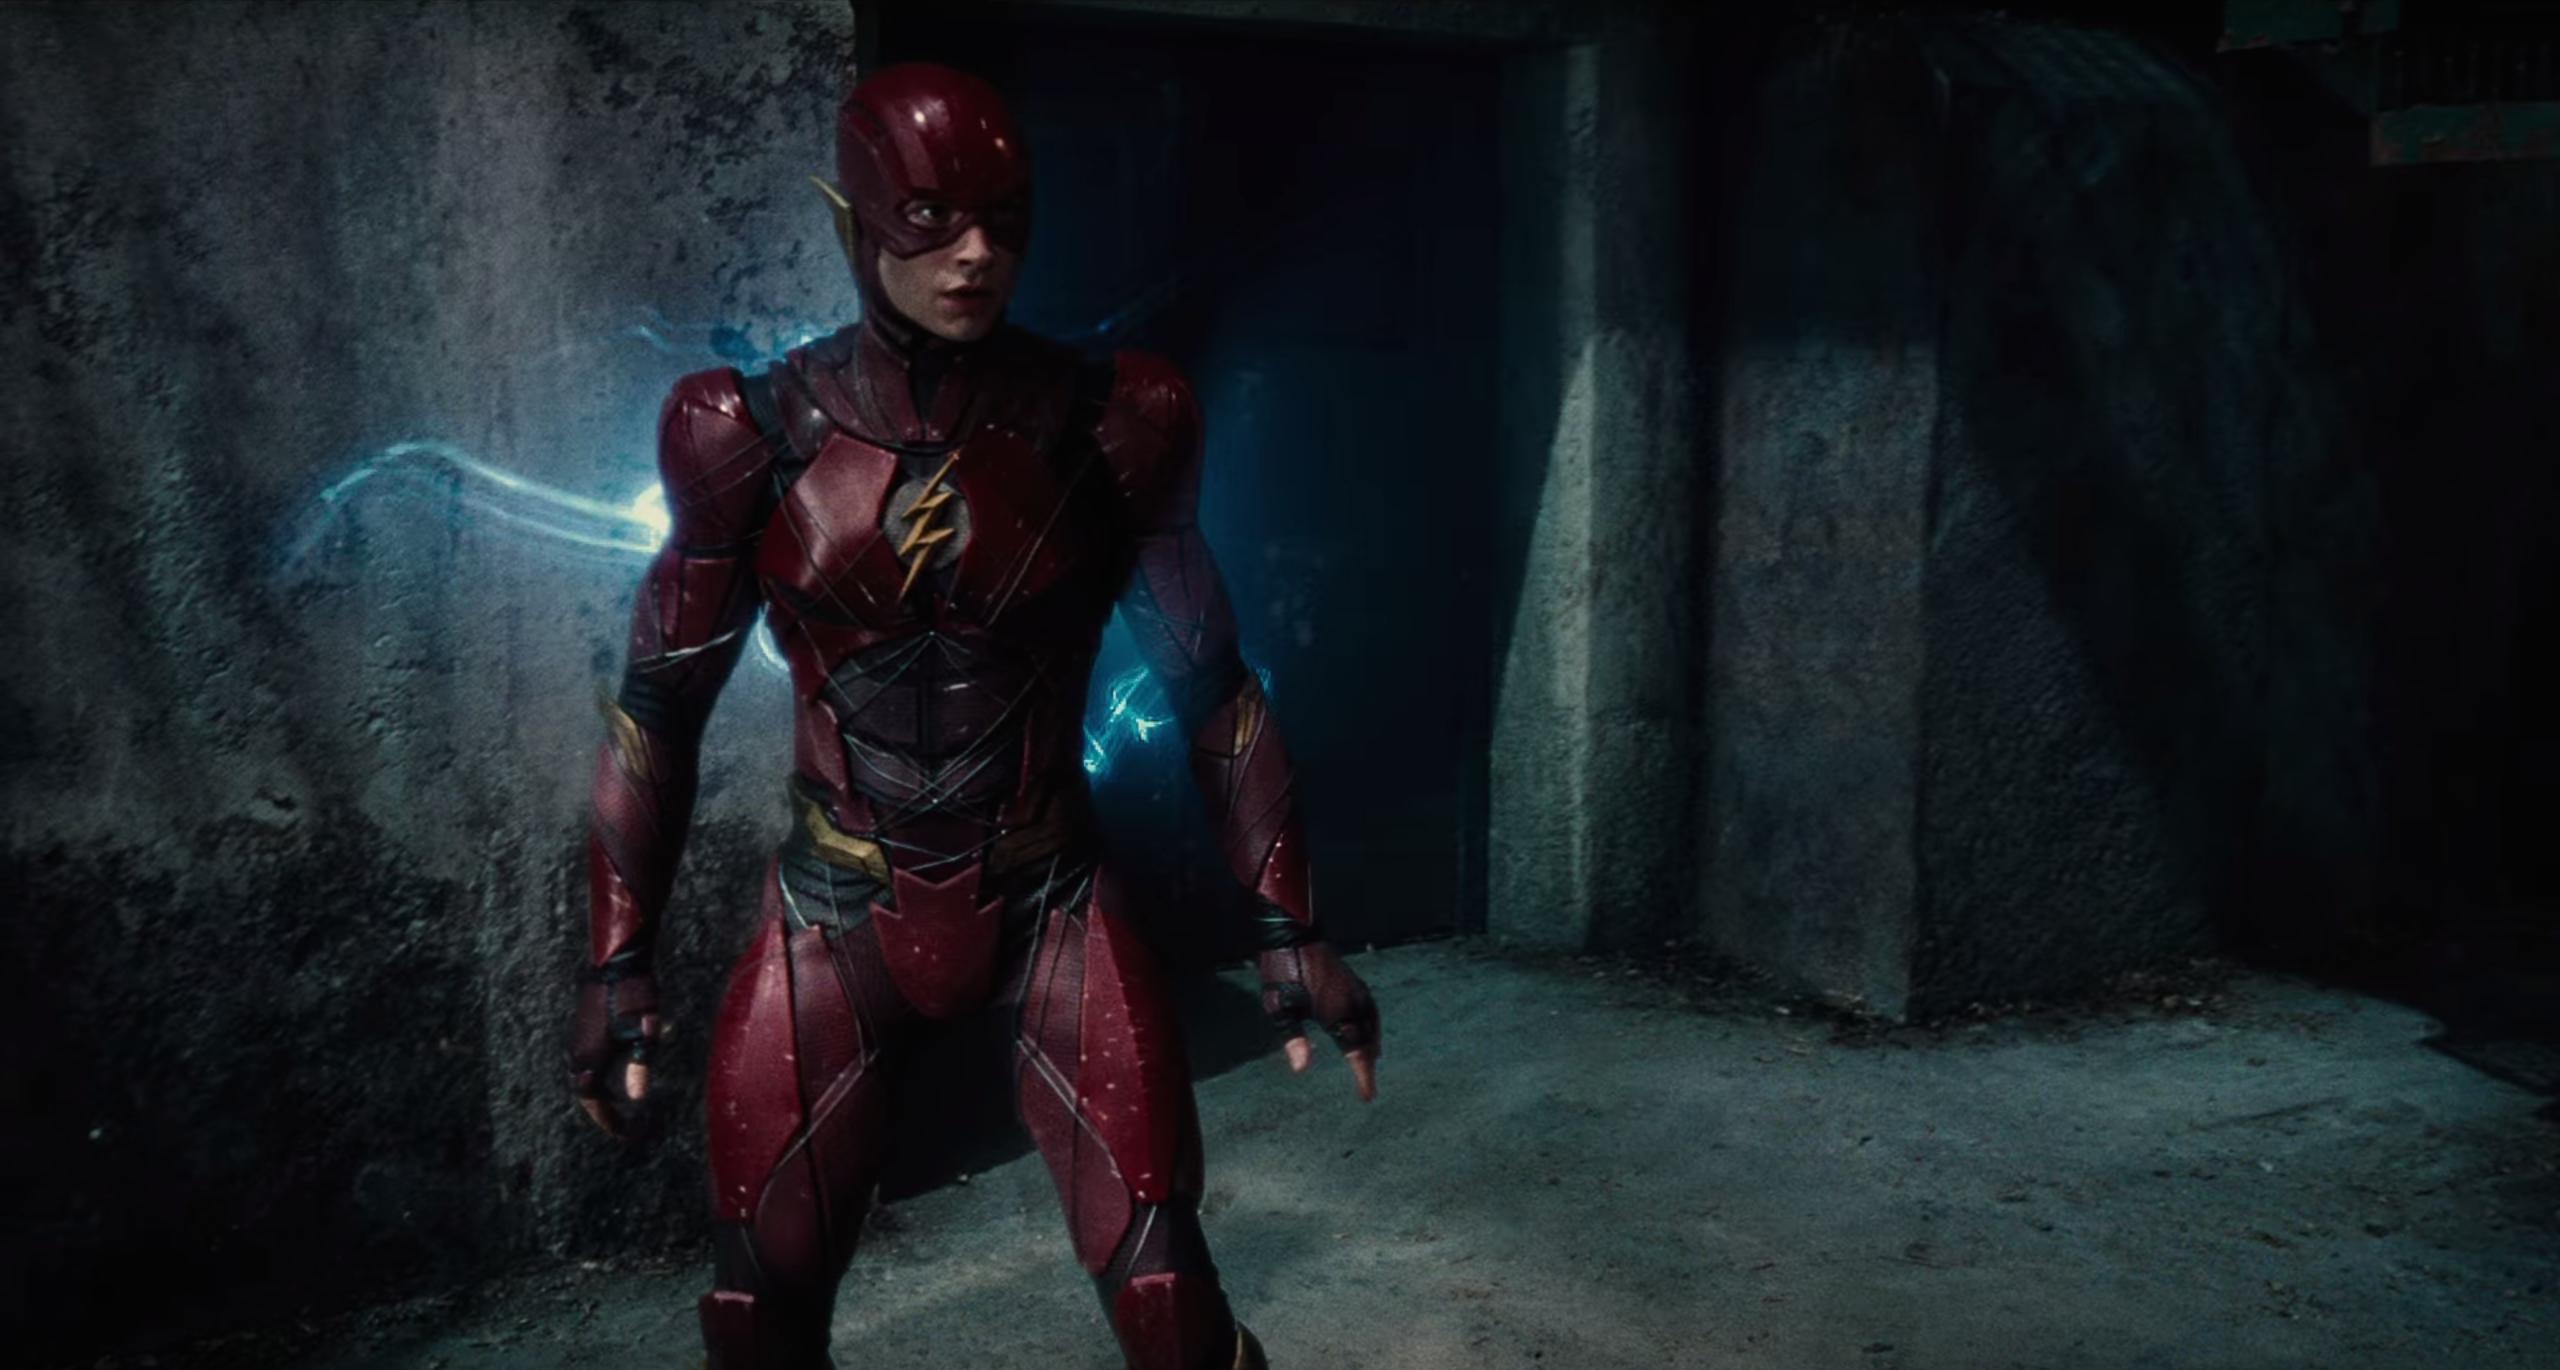 The Flash (Flickering Myth)